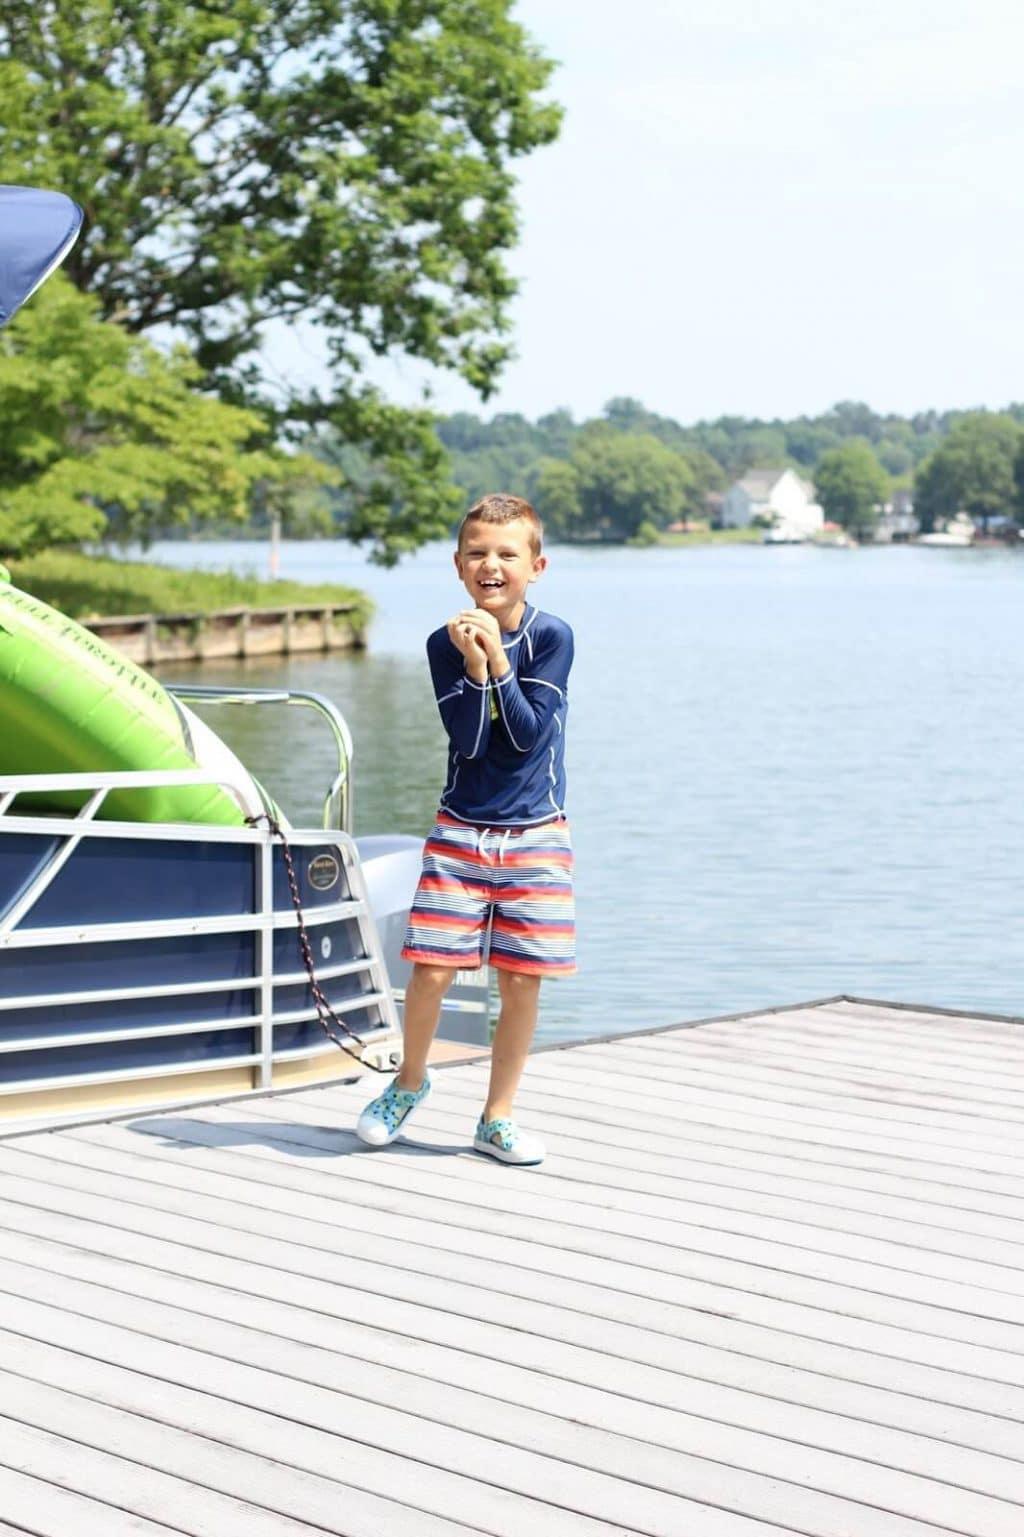 Boating shoes: Crocs